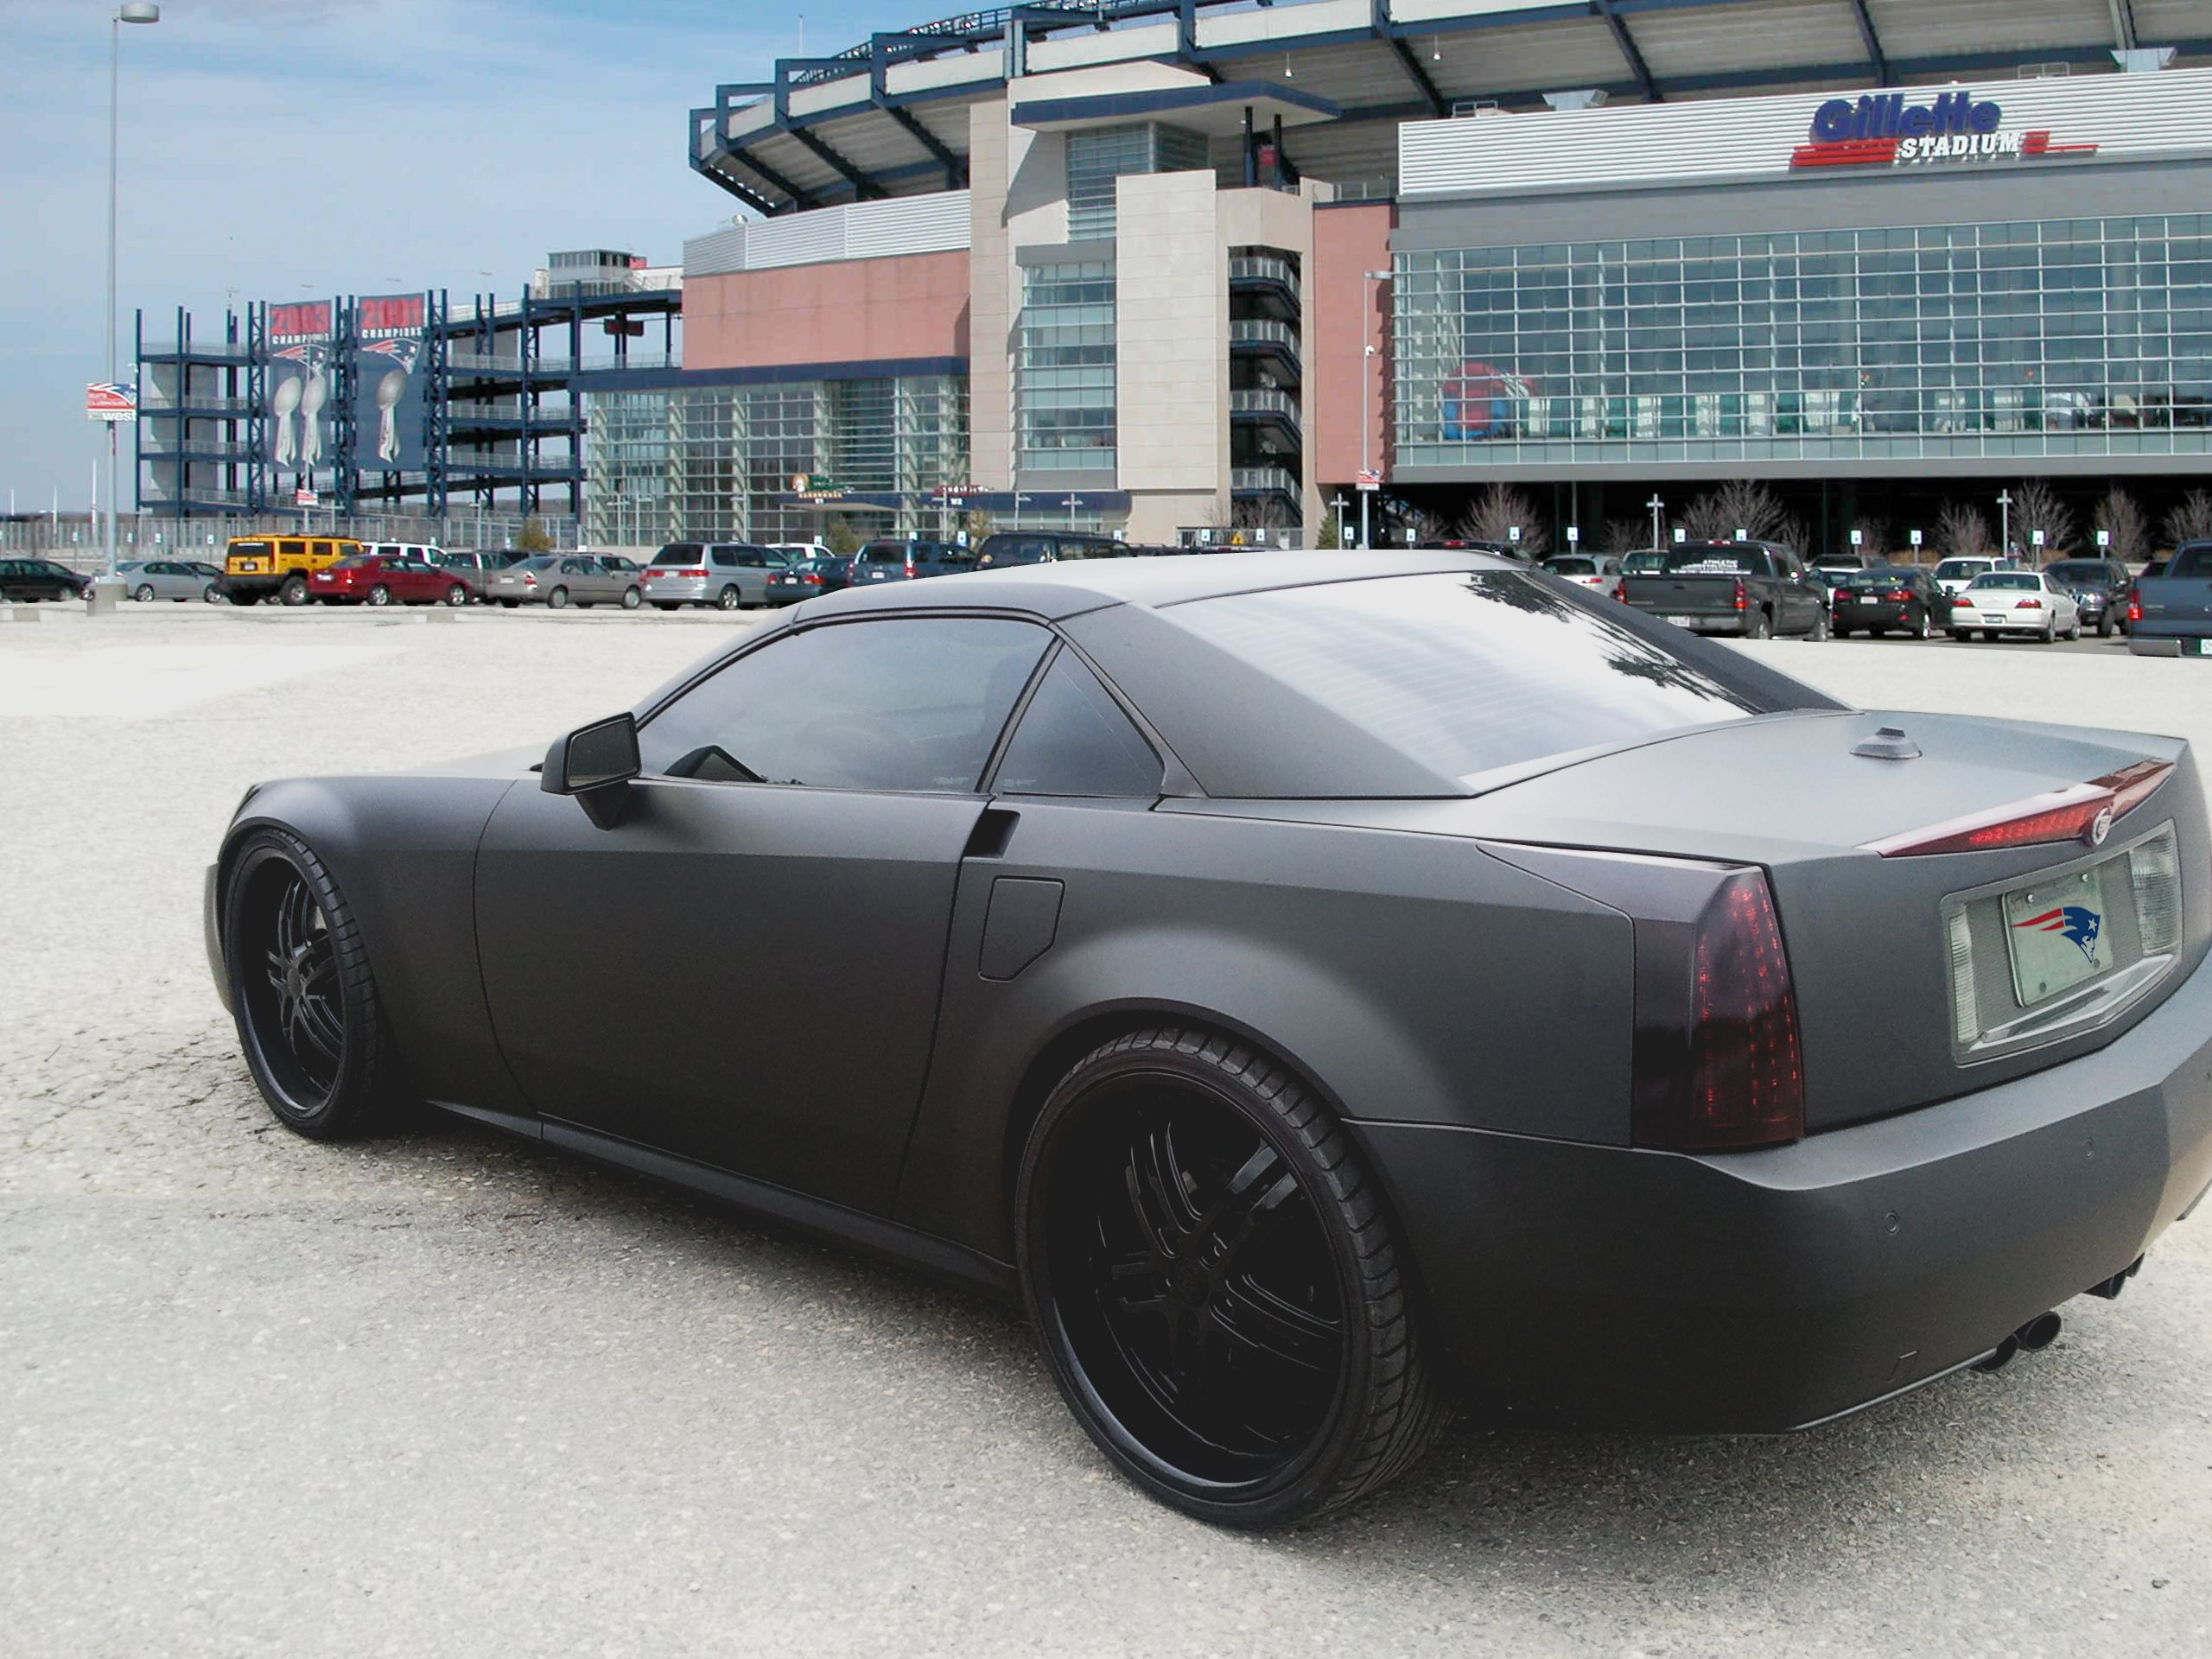 New England Patriots Thomas Batman Clayton Matte Black Car Wrap By Seamless Wraps Matte Black Cars Black Car Car Wrap